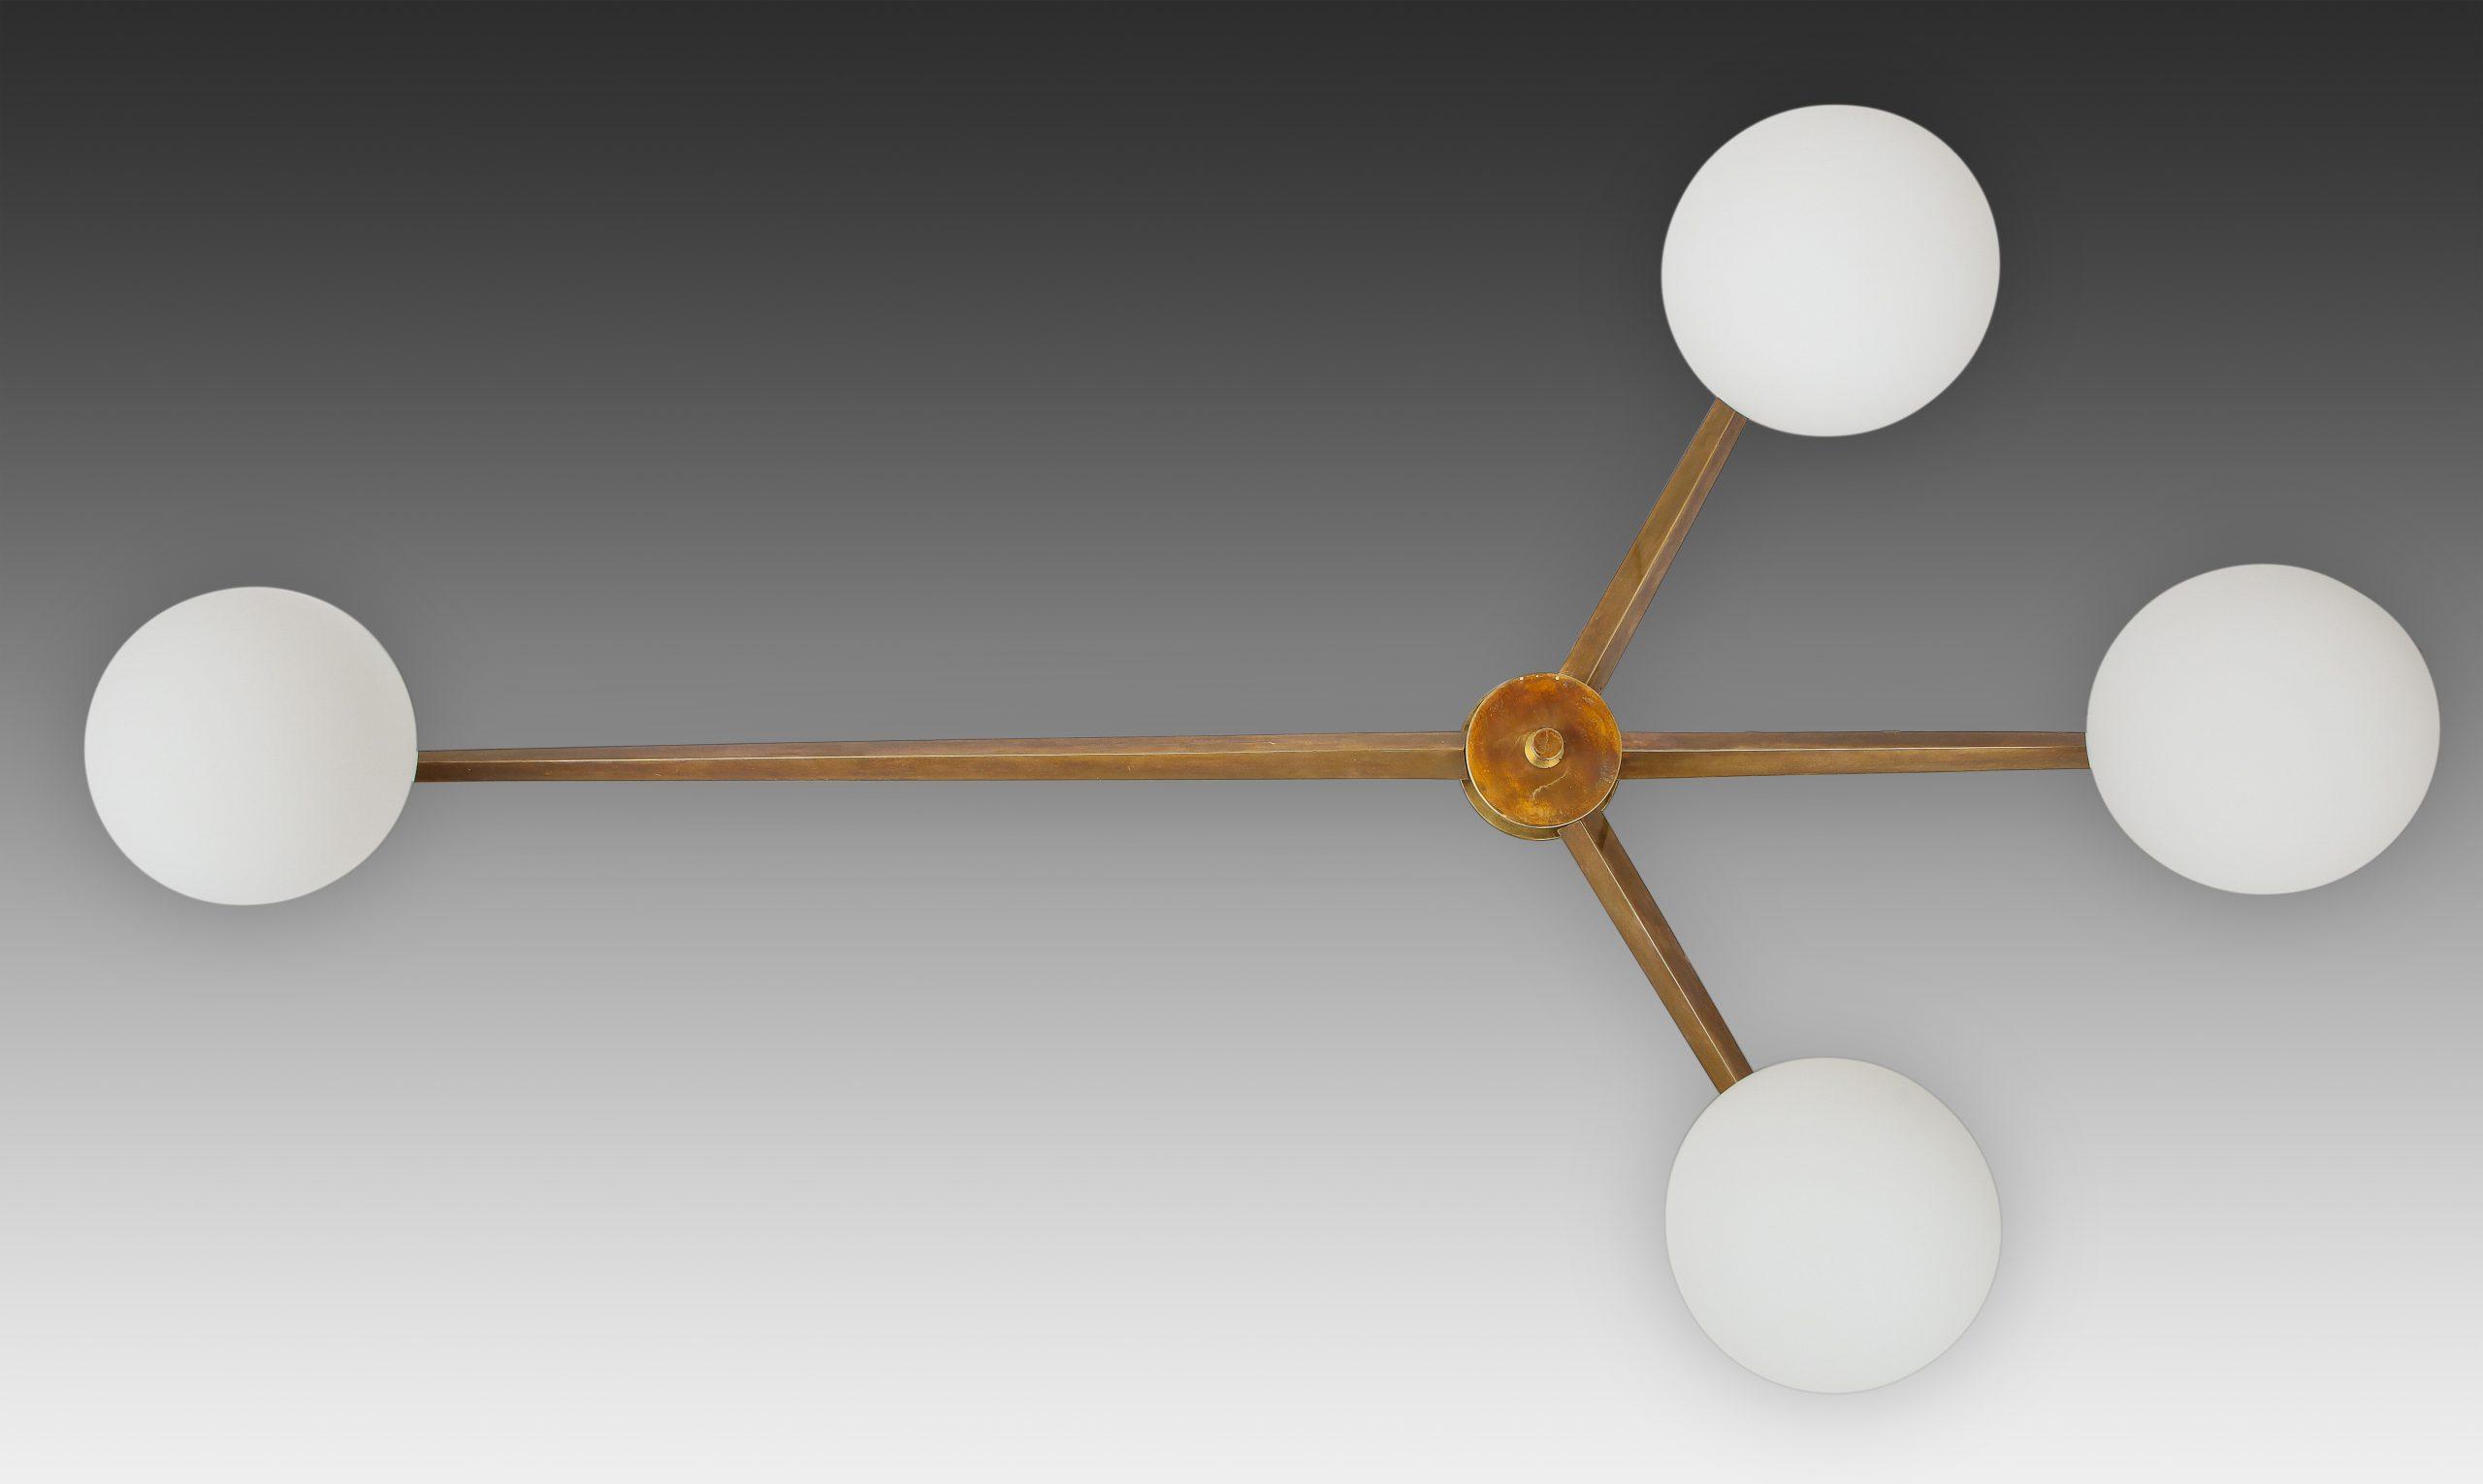 ARR412-5 by  | soyun k.